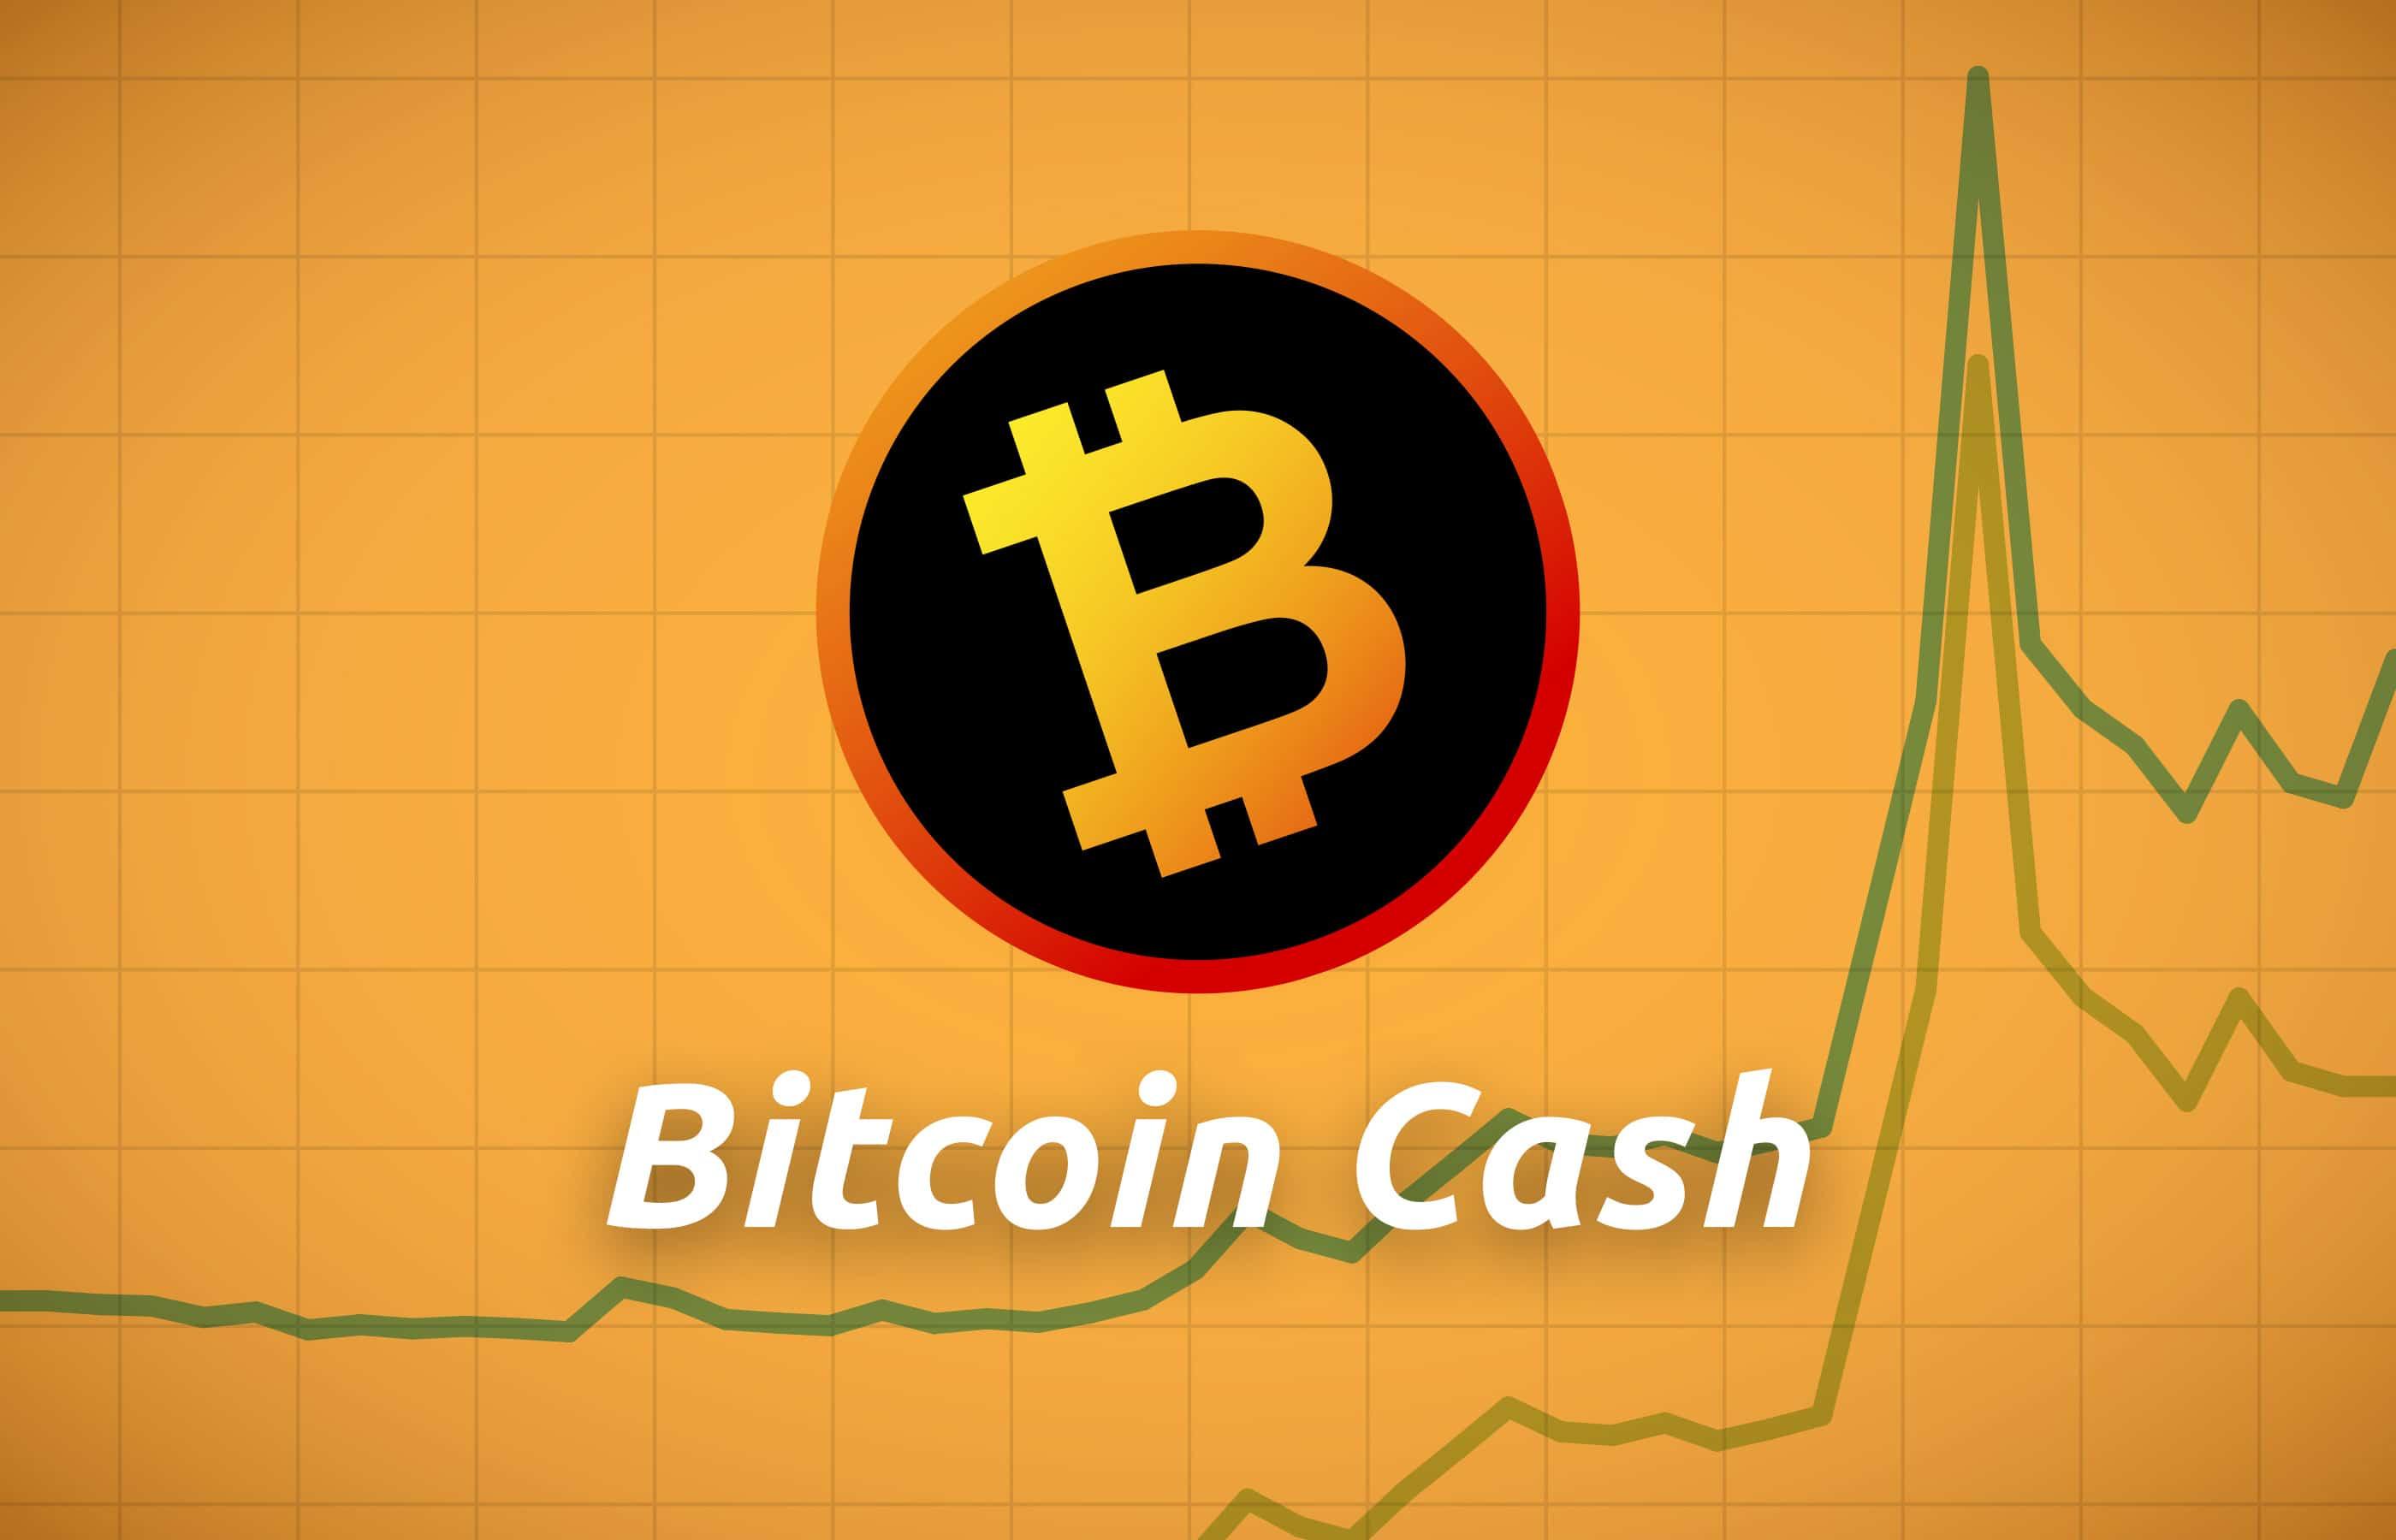 bitcoin cash bch price surged kraken shut down bsv tradings - Bitcoin Cash (BCH) Price Surged Because Kraken Shut Down BSV Tradings